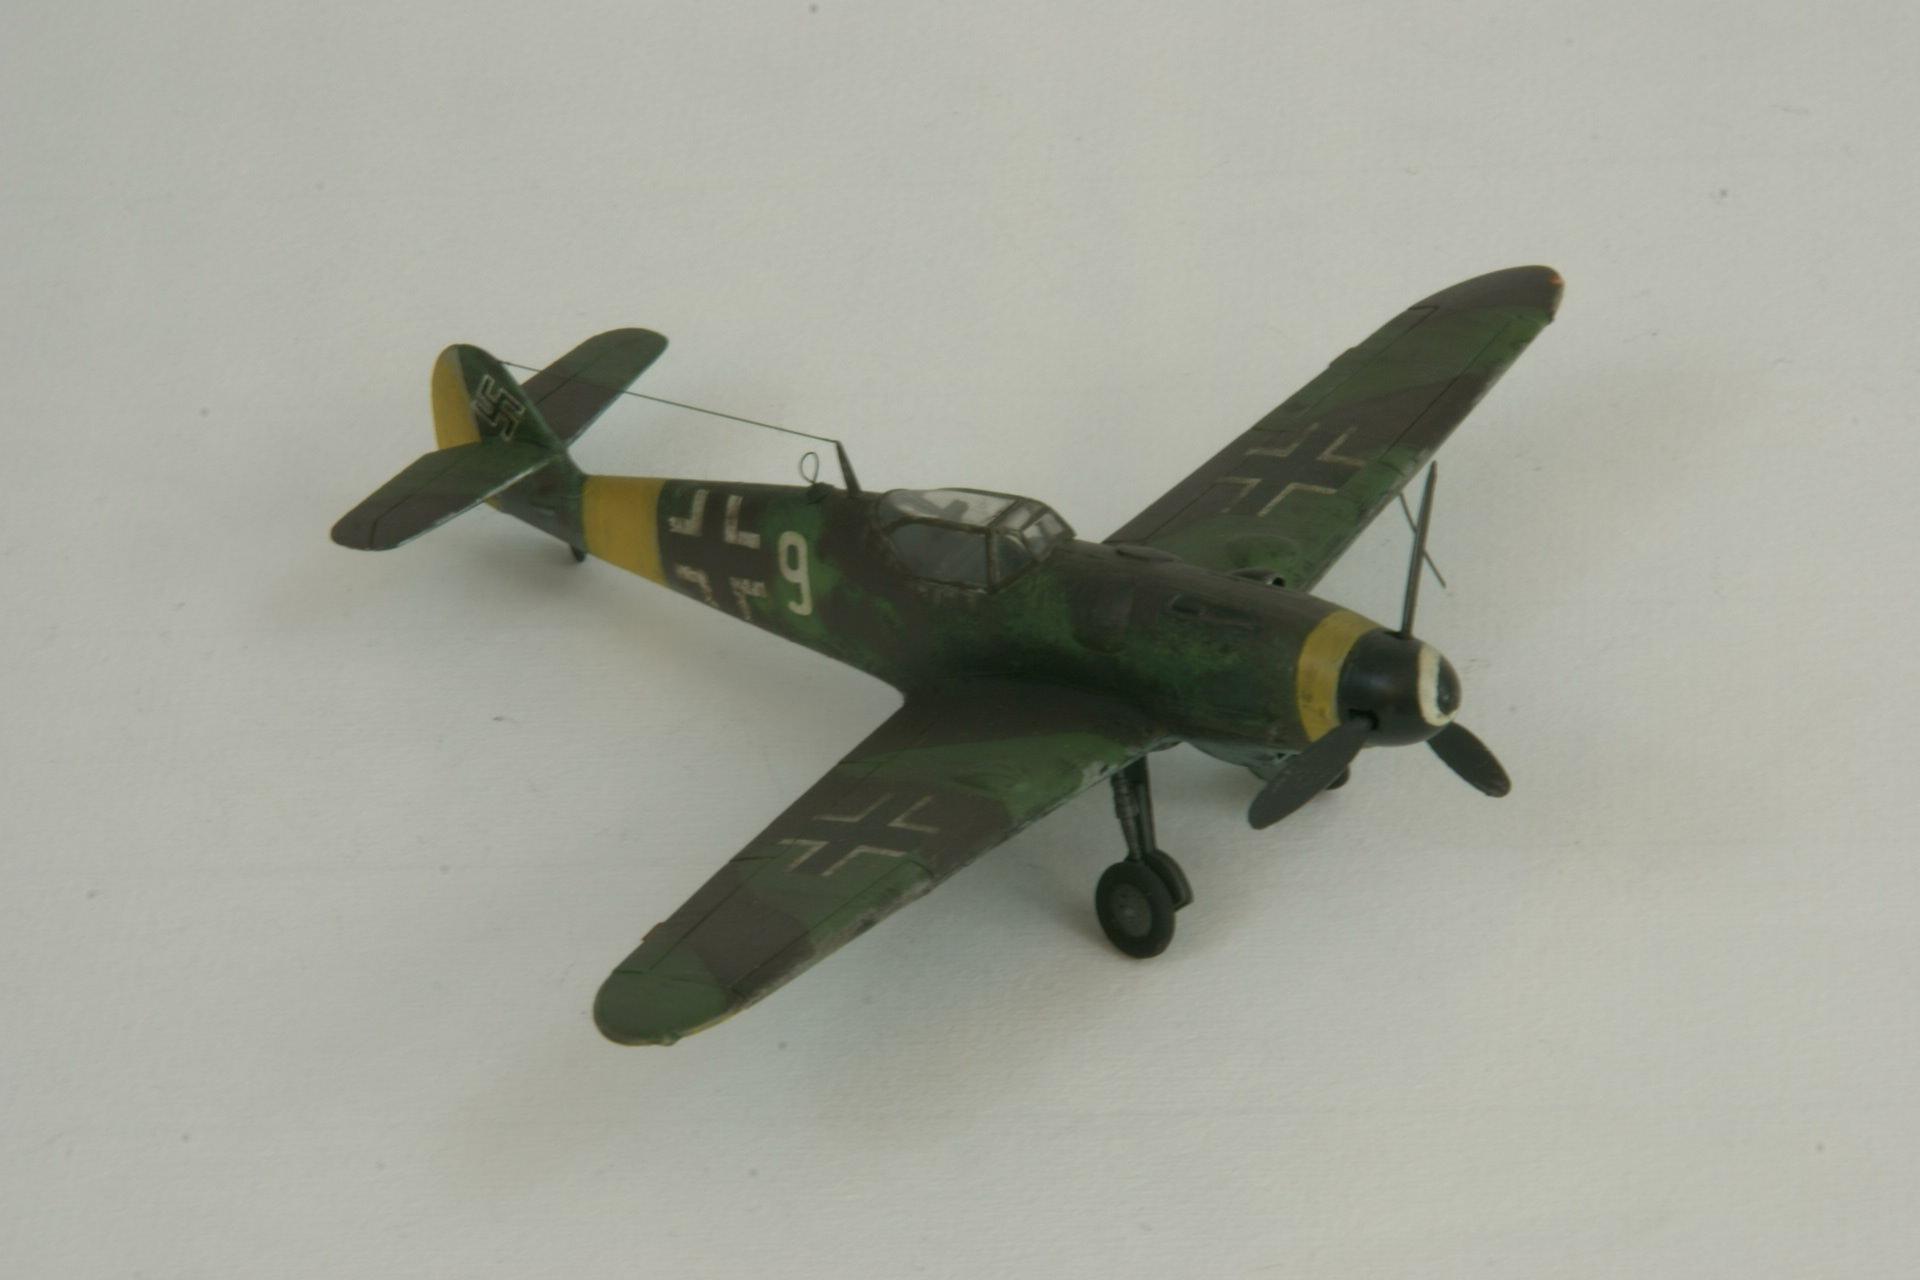 Messerschmitt 109g 14 as 3